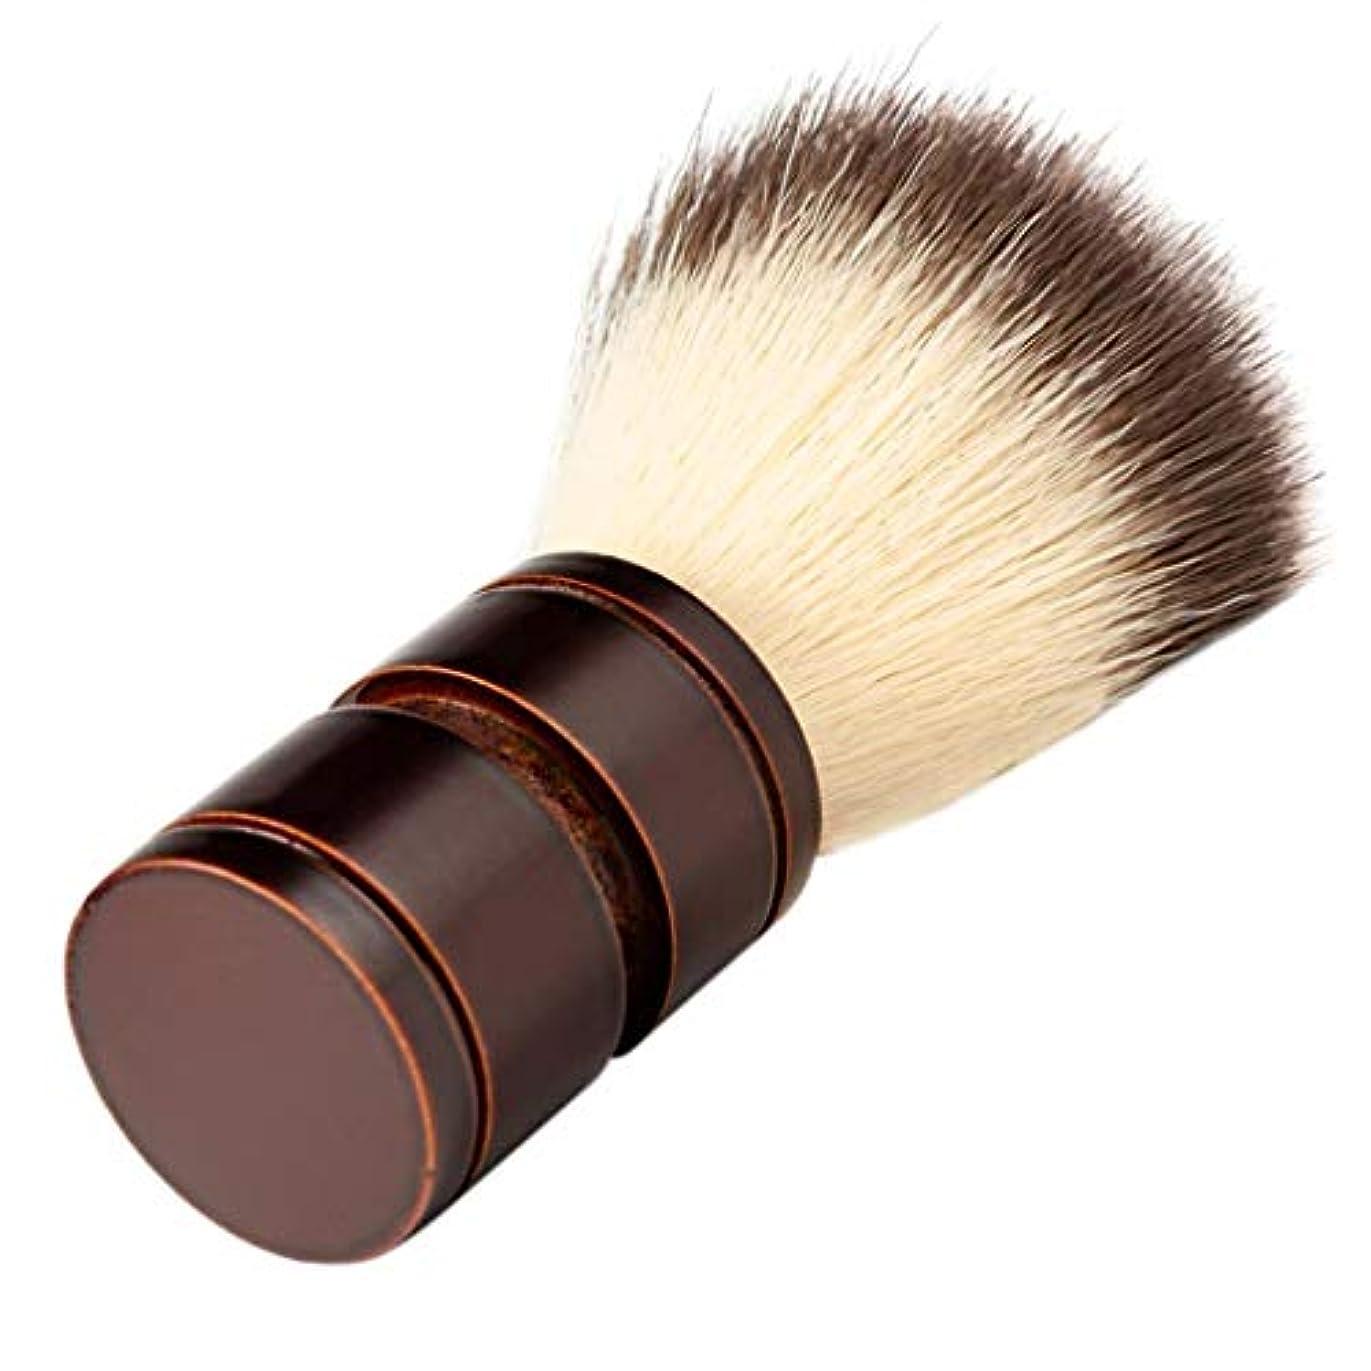 ペルメル意識マザーランドHellery ひげブラシ シェービングブラシ ひげ剃り 柔らかい 髭剃り 泡立ち 理容 美容ツール